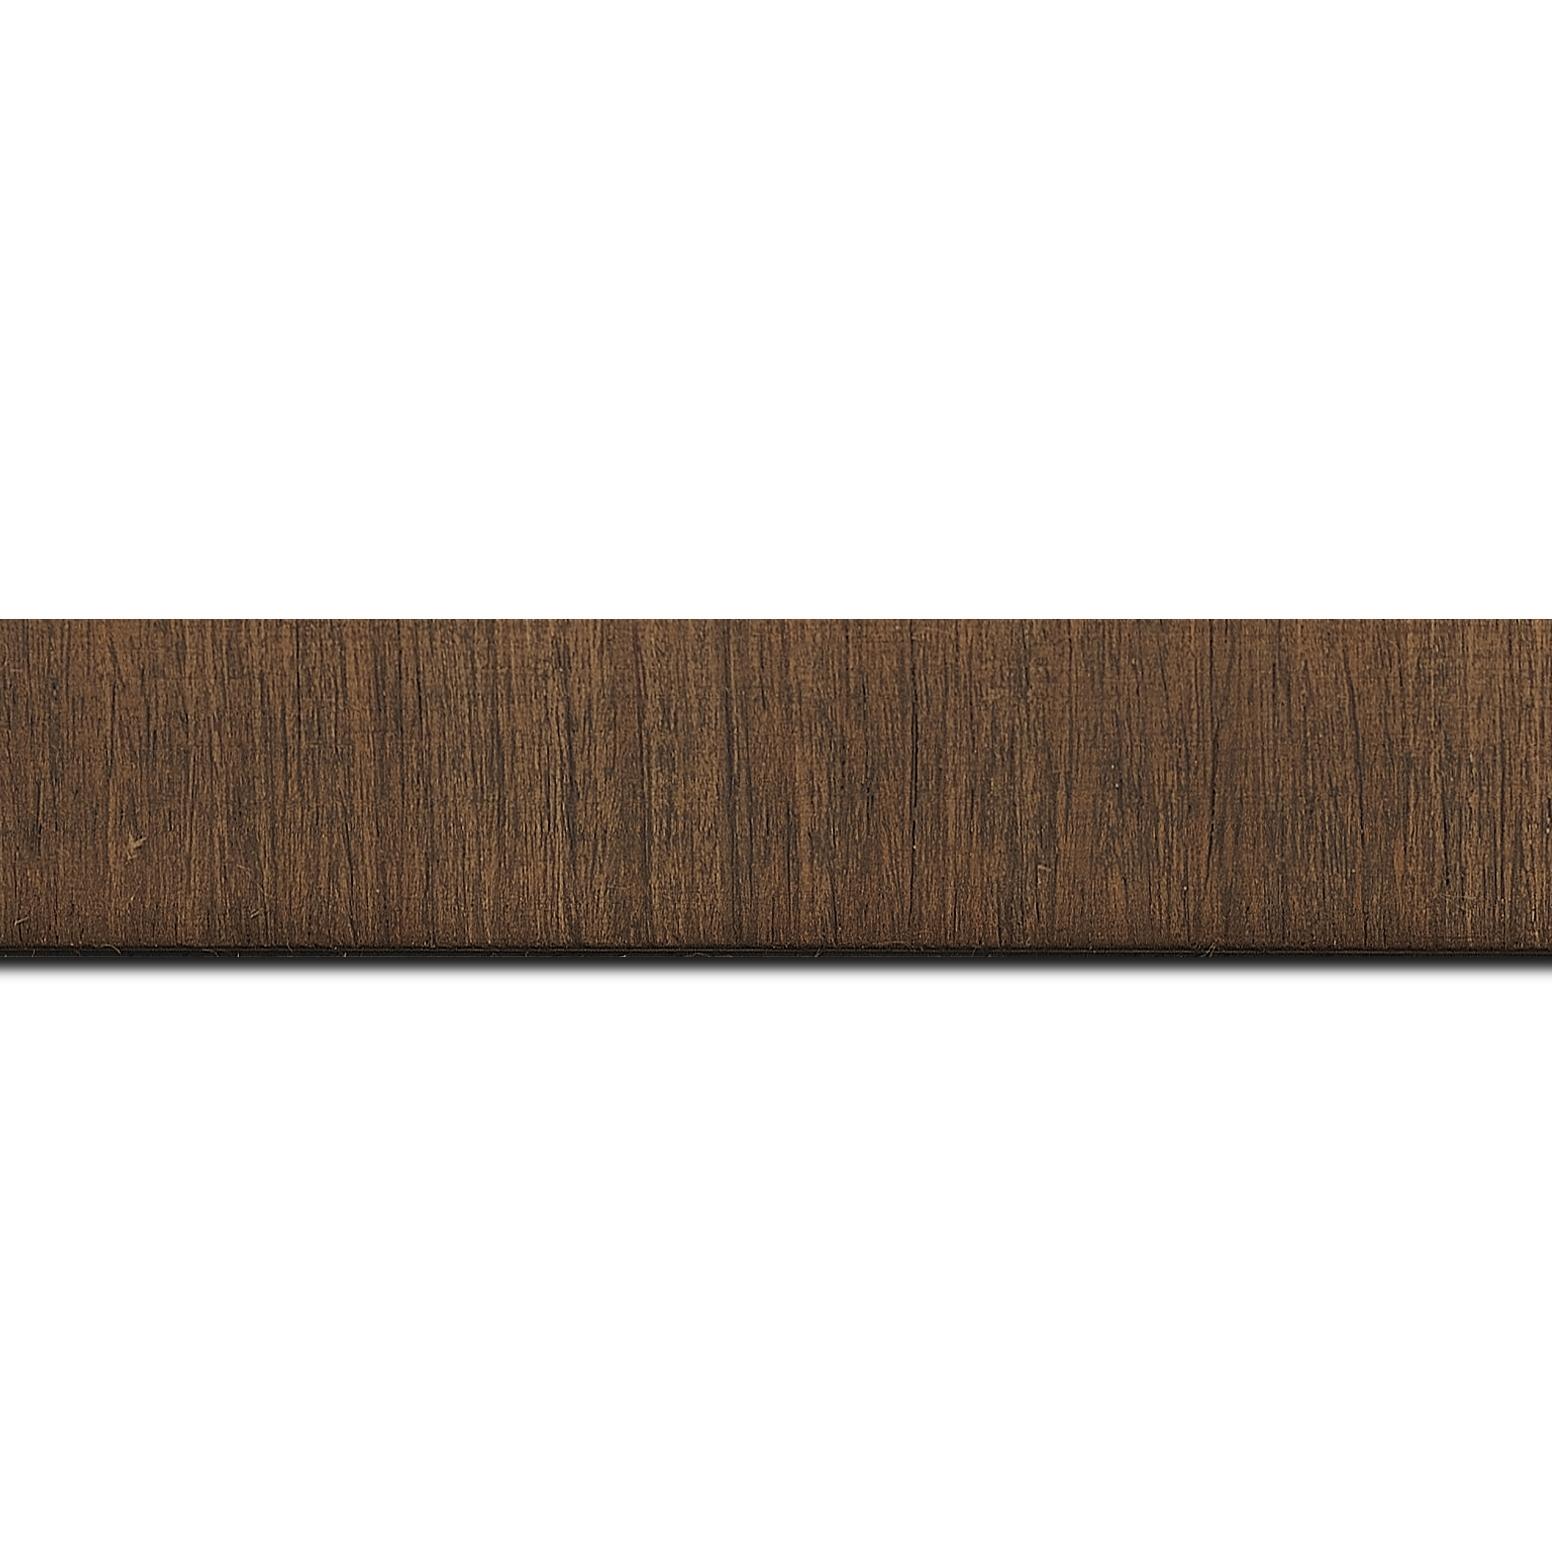 Pack par 12m, bois profil incurvé largeur 2.8cm plaquage haut de gamme teck teinté noyer (longueur baguette pouvant varier entre 2.40m et 3m selon arrivage des bois)